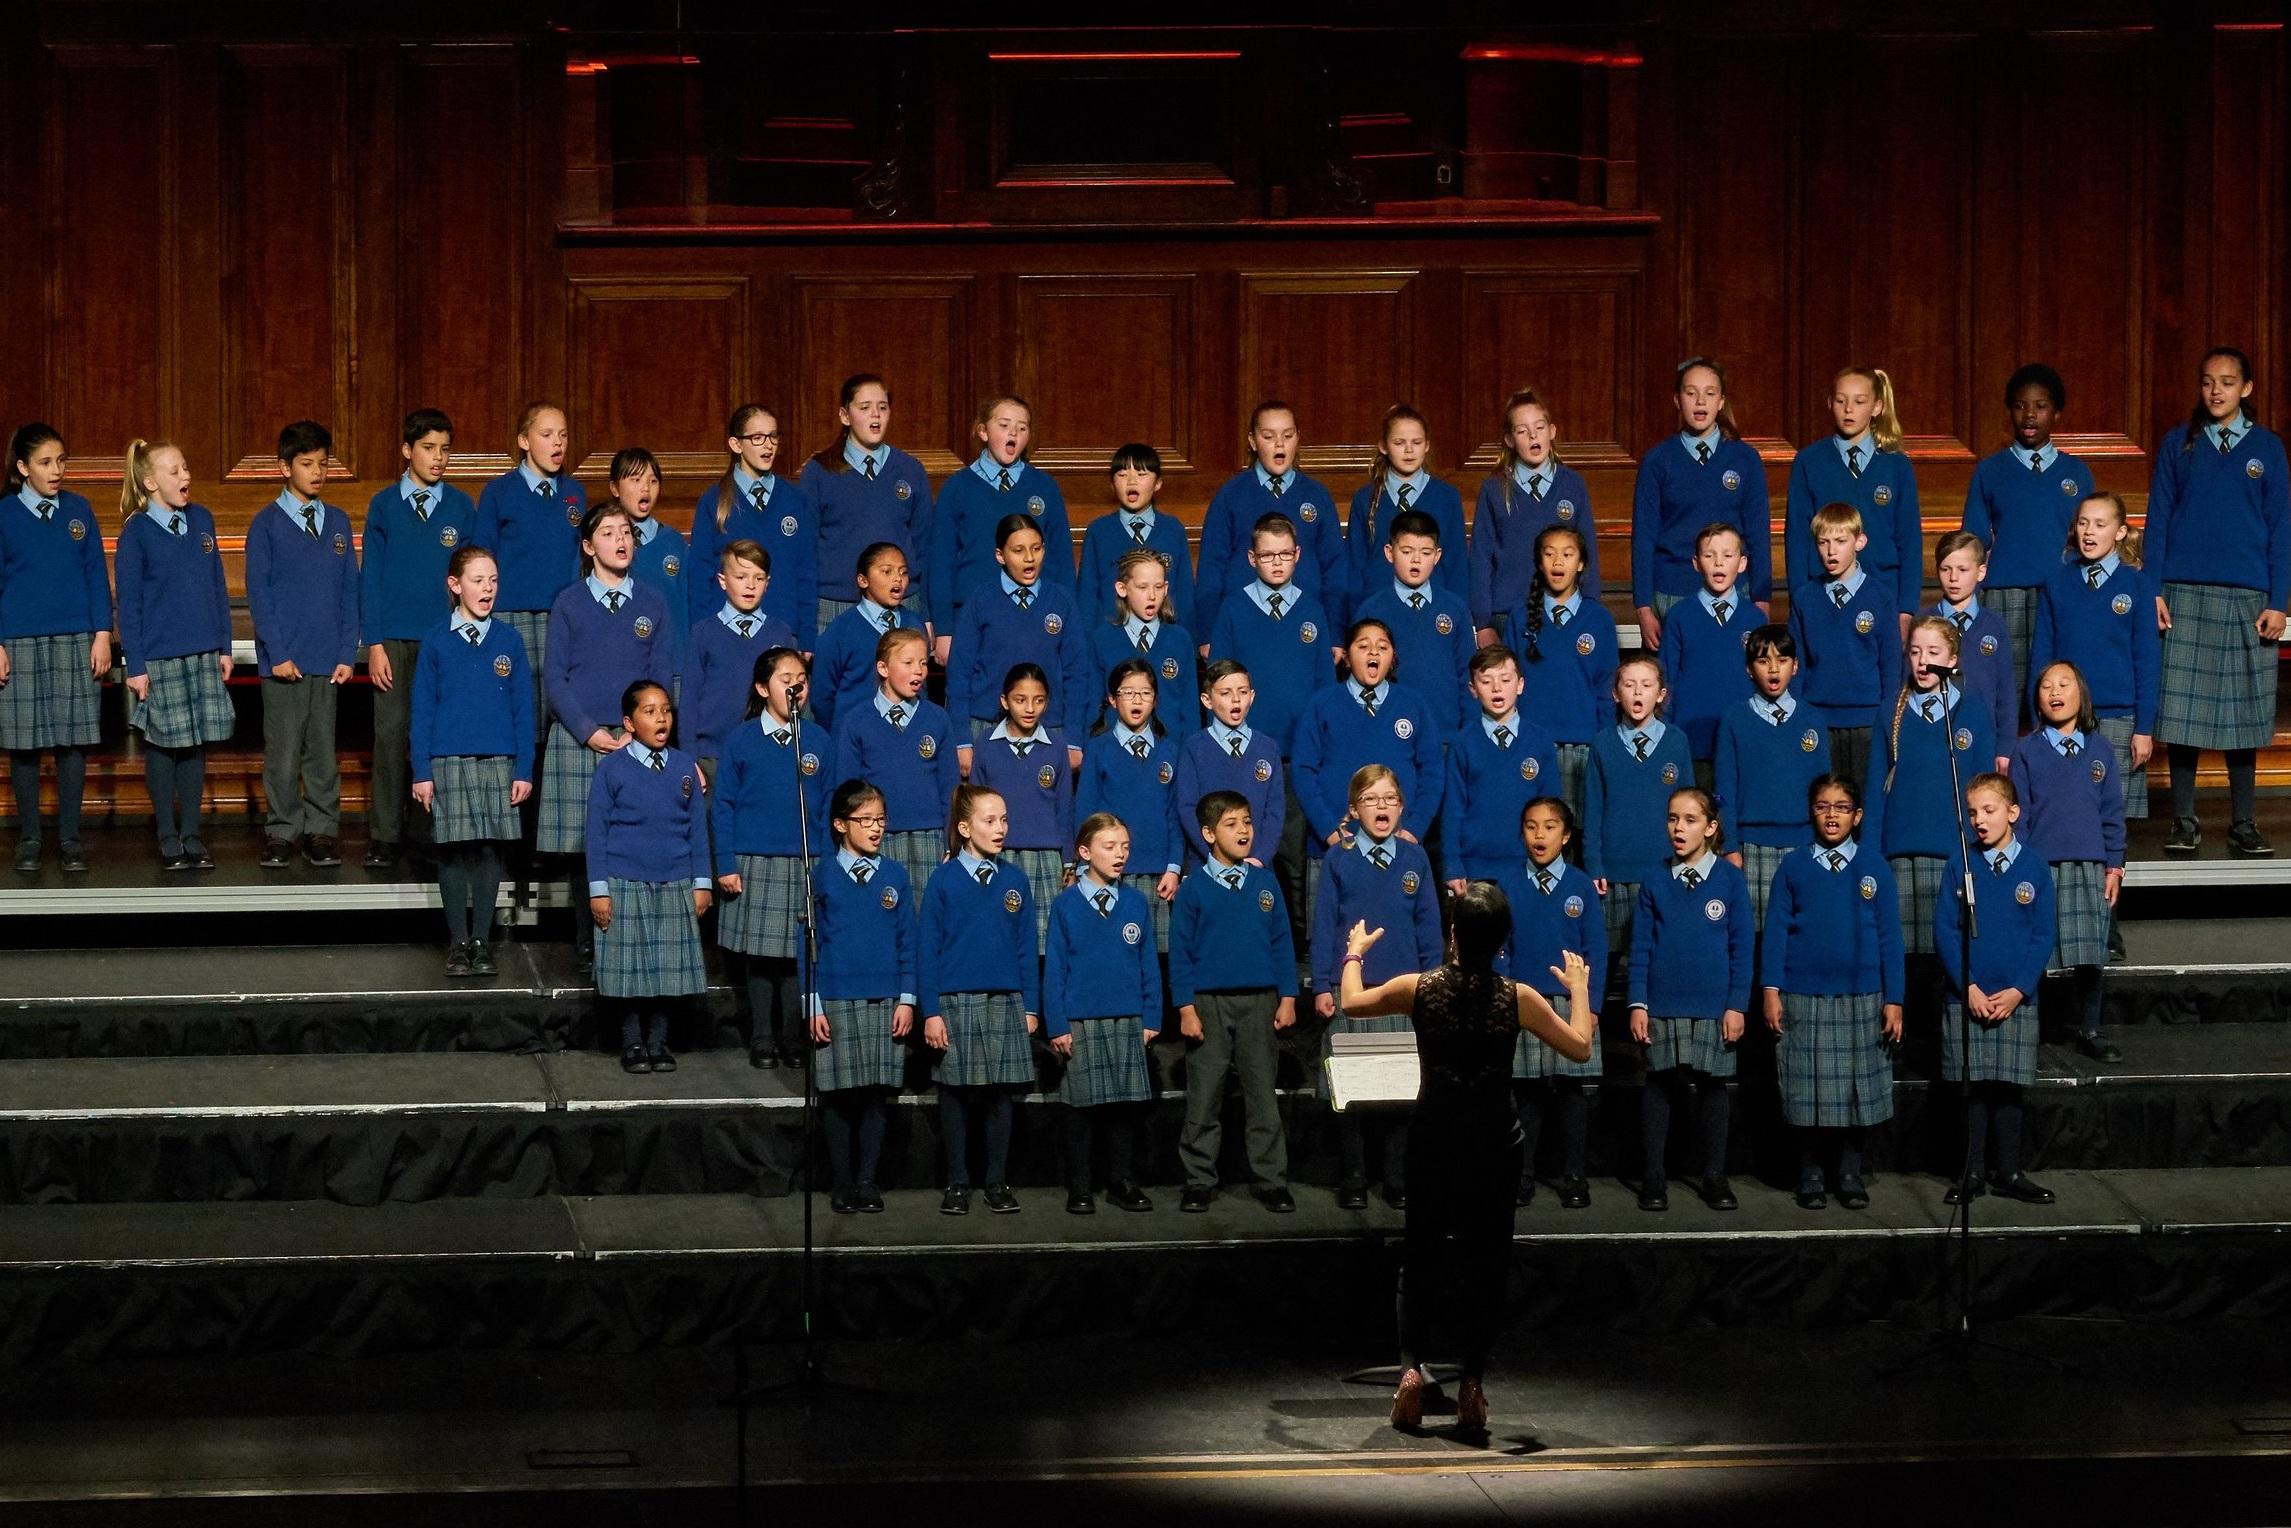 Choir04Cropped.jpg